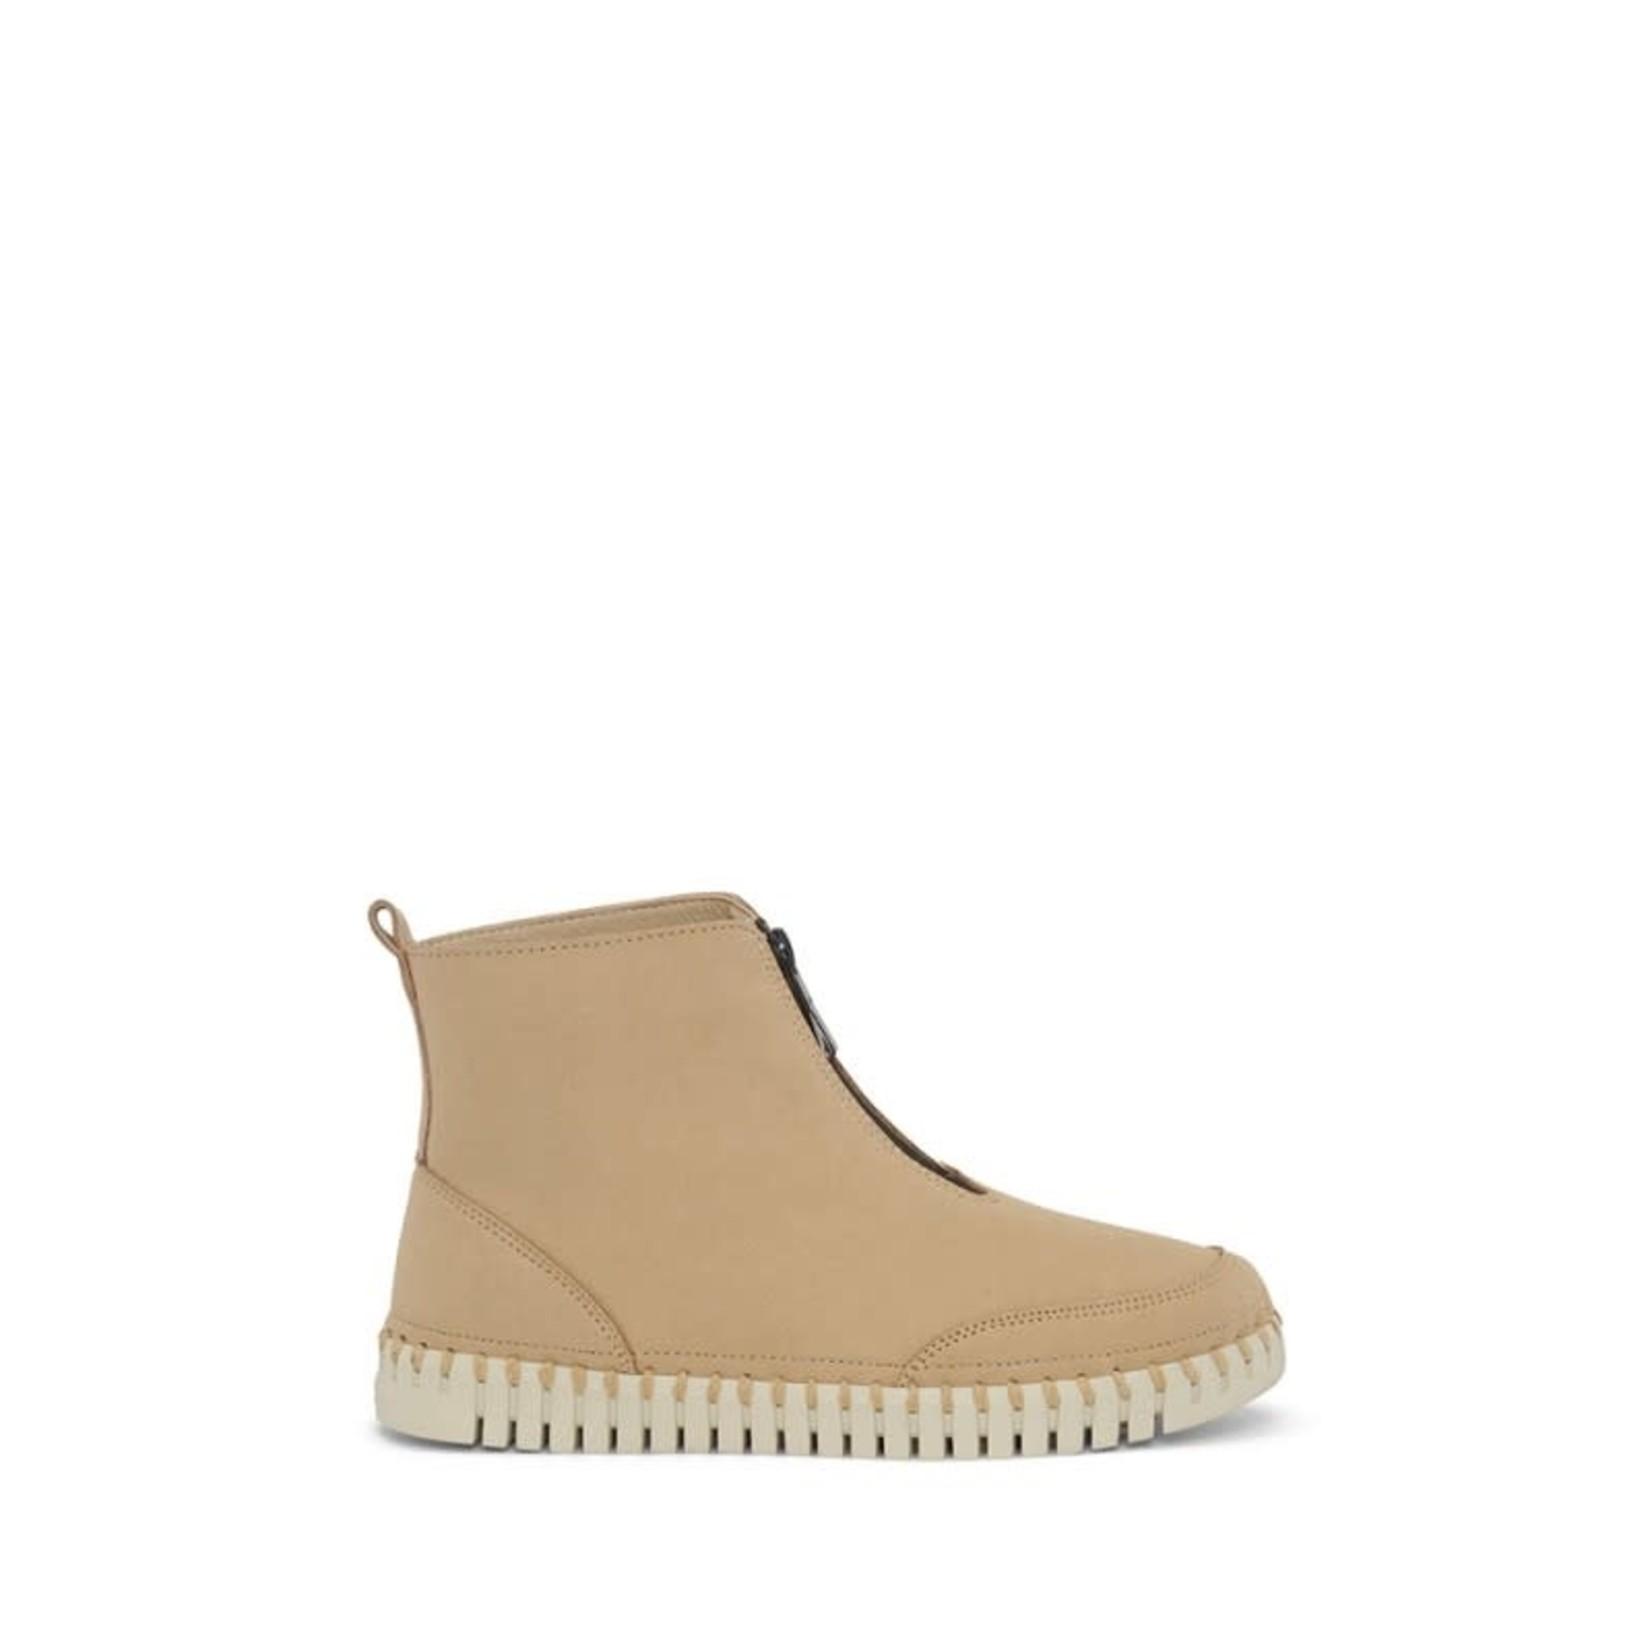 Ilse Jacobsen Ilse Jacobsen Ankle Boots Latte 6071